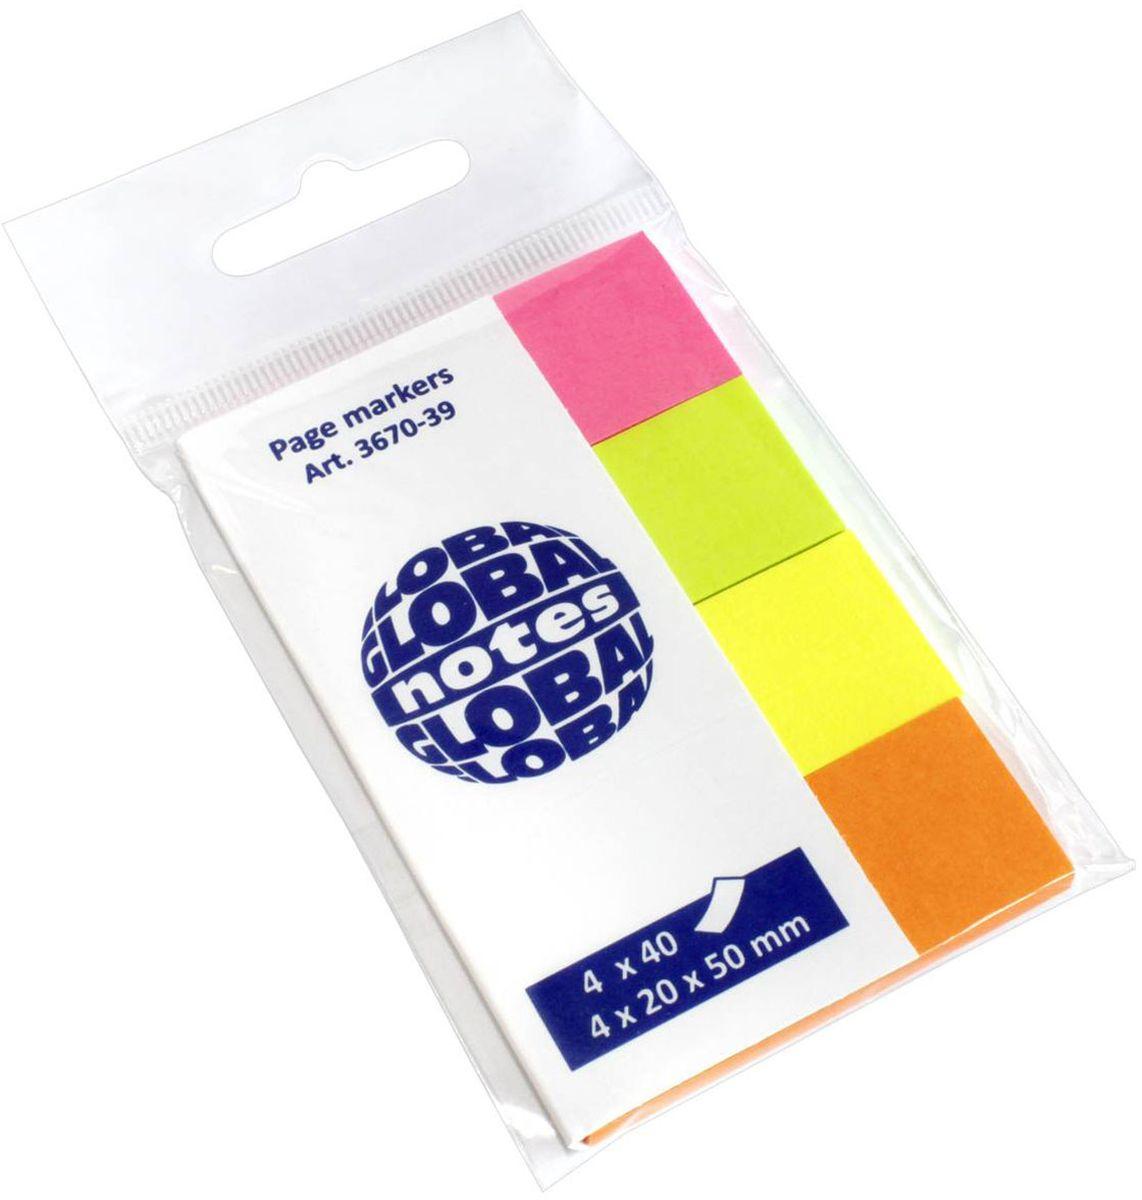 Global Notes Блок-закладка с липким слоем 160 листов 367039367039Закладки бумажные с клеевым слоем предназначены для наиболее эффективного выделения важной информации без повреждения книги или документа. Идеально подходят для быстрой и эффективной работы. 160 листов, 4 ярких цвета. Размер 20х50 ммТолщина бумаги 50 мкр.